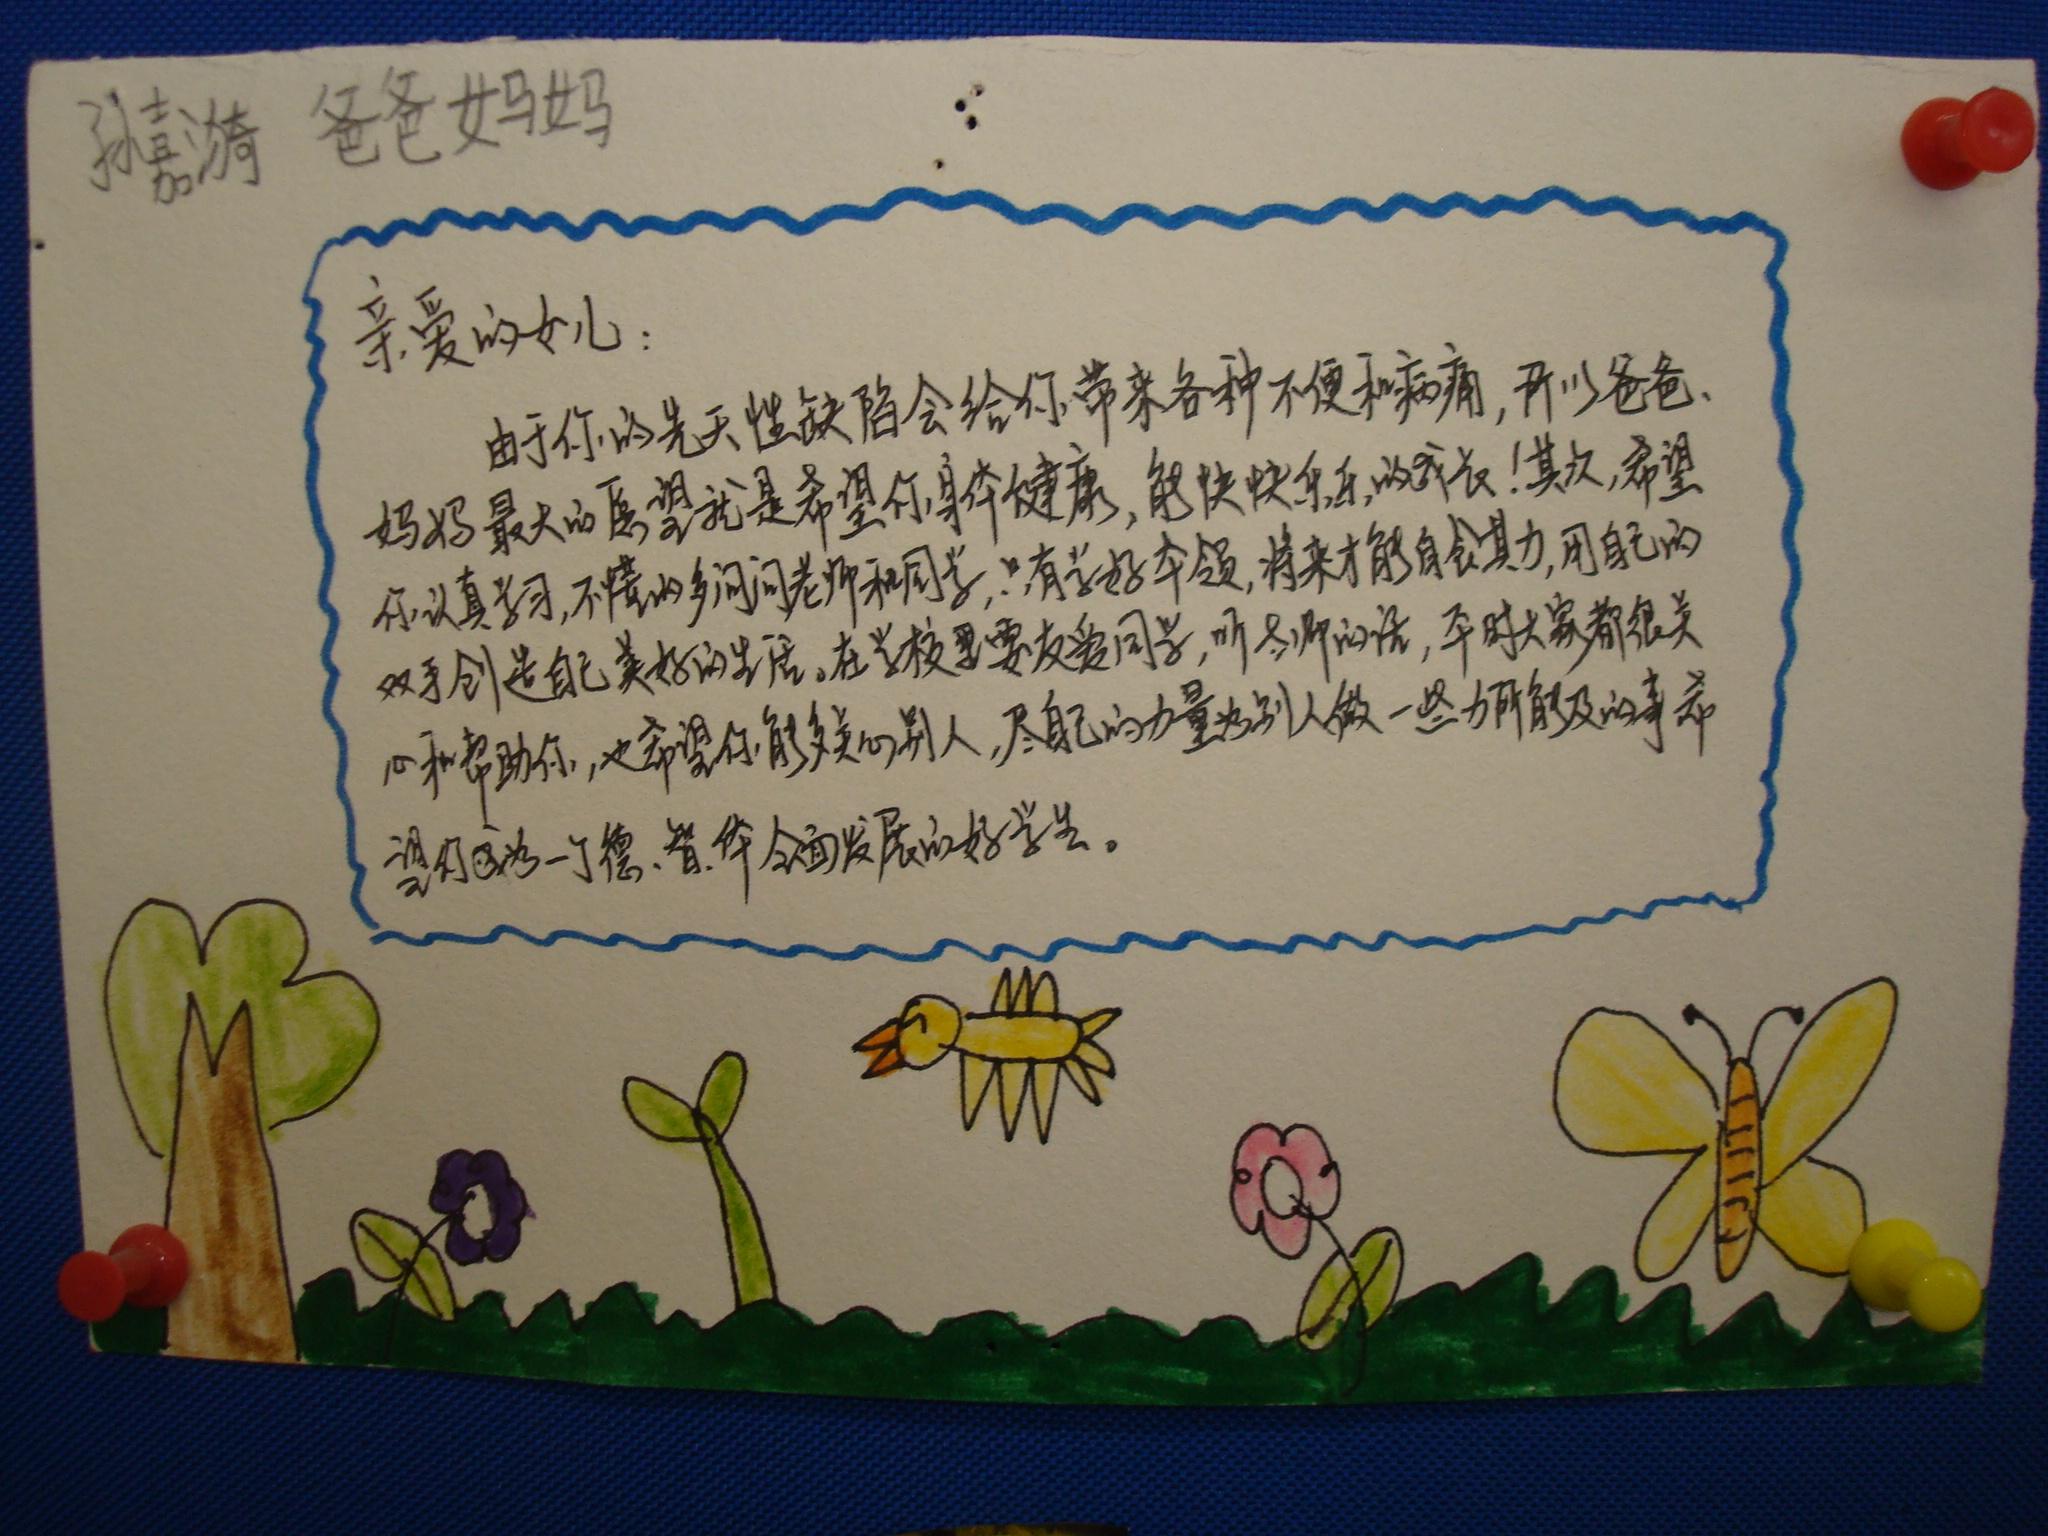 小学寄语家长学法指导初中生图片